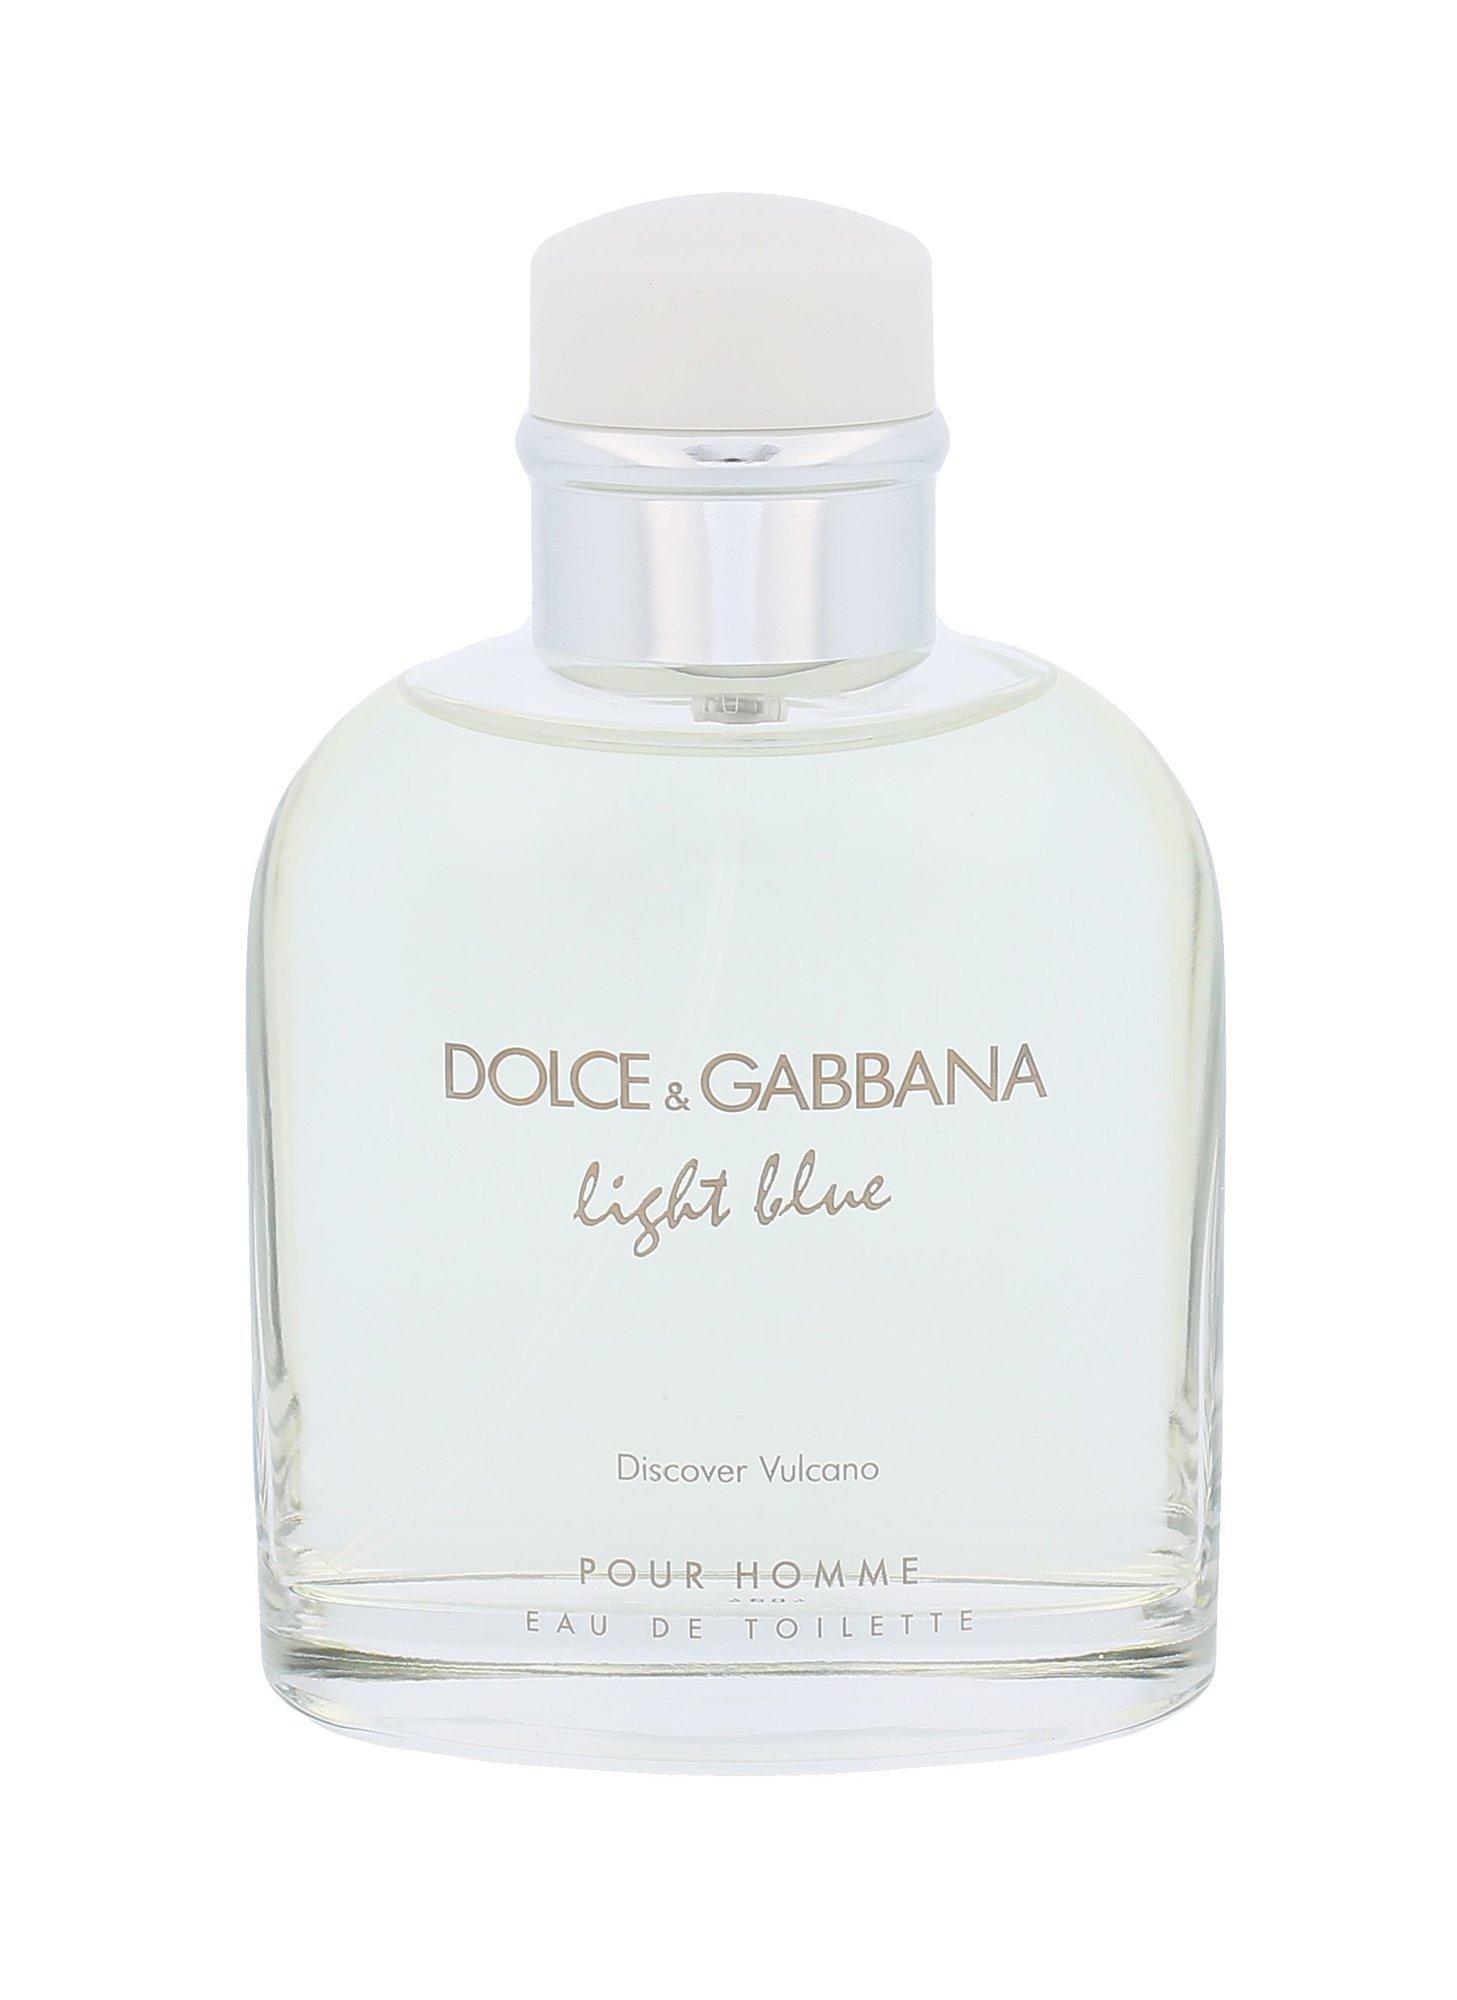 Dolce&Gabbana Light Blue Discover Vulcano Pour Homme Eau de Toilette 75ml